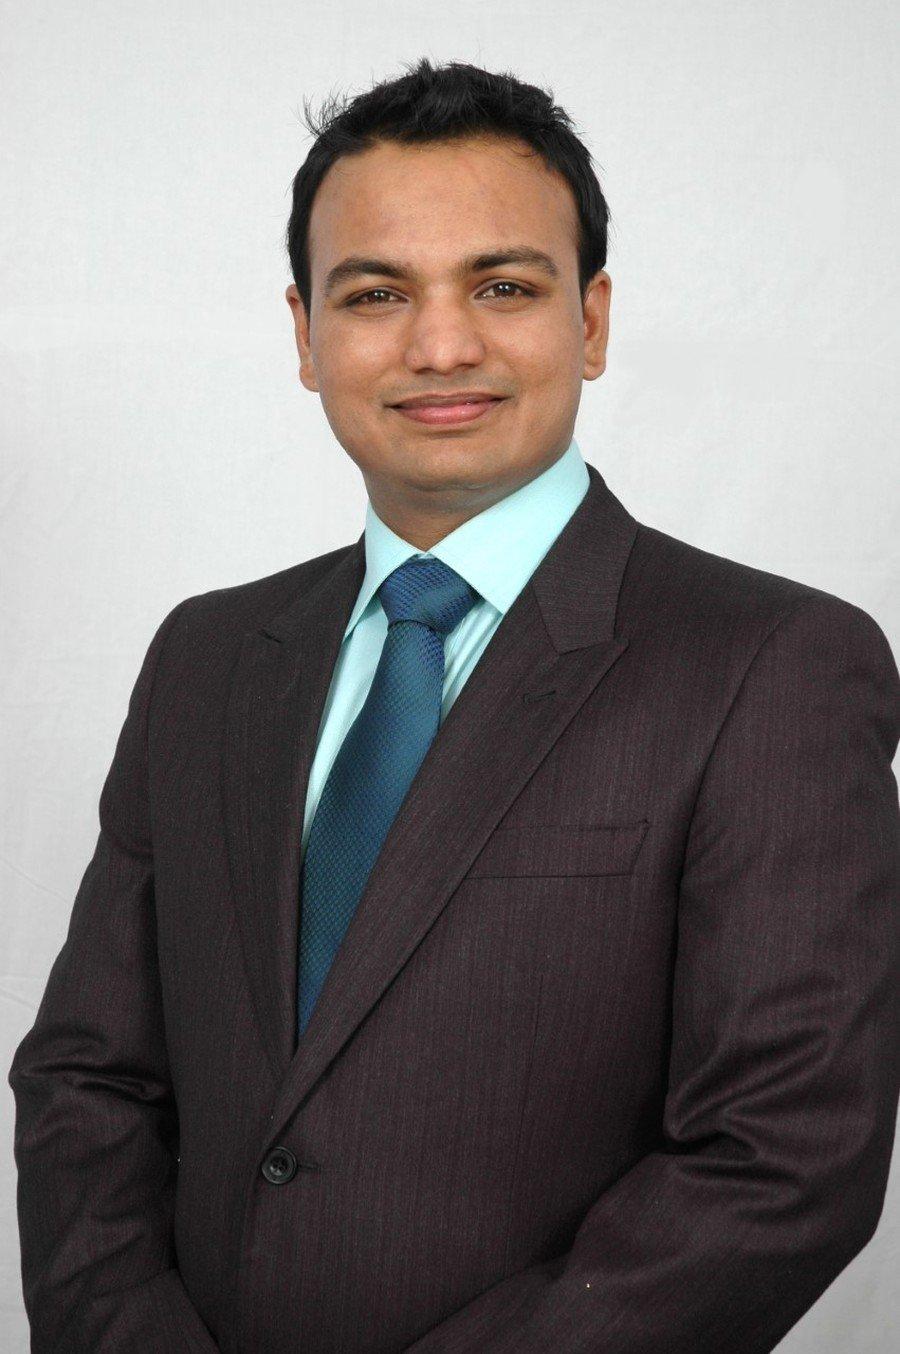 Nikunjumar Shah